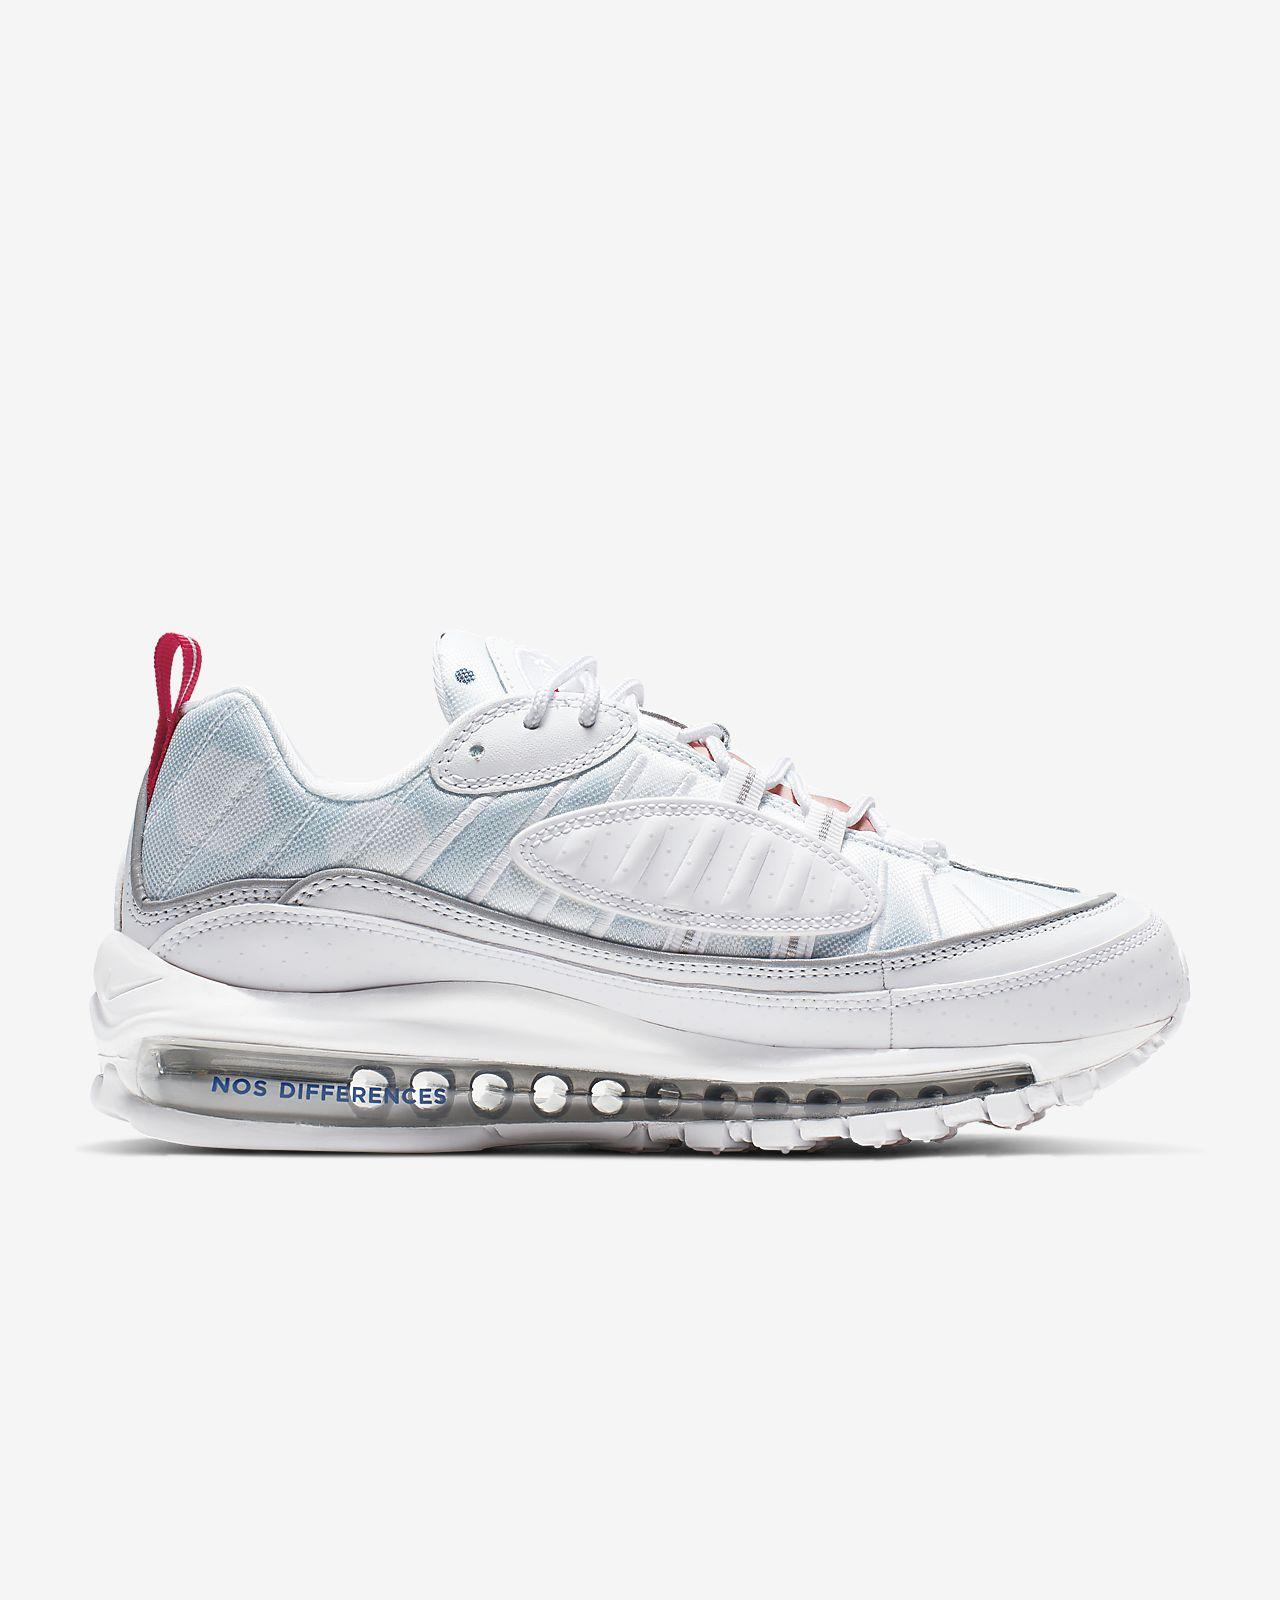 Nike Air Max 98 Premium Unité Totale Damesschoen